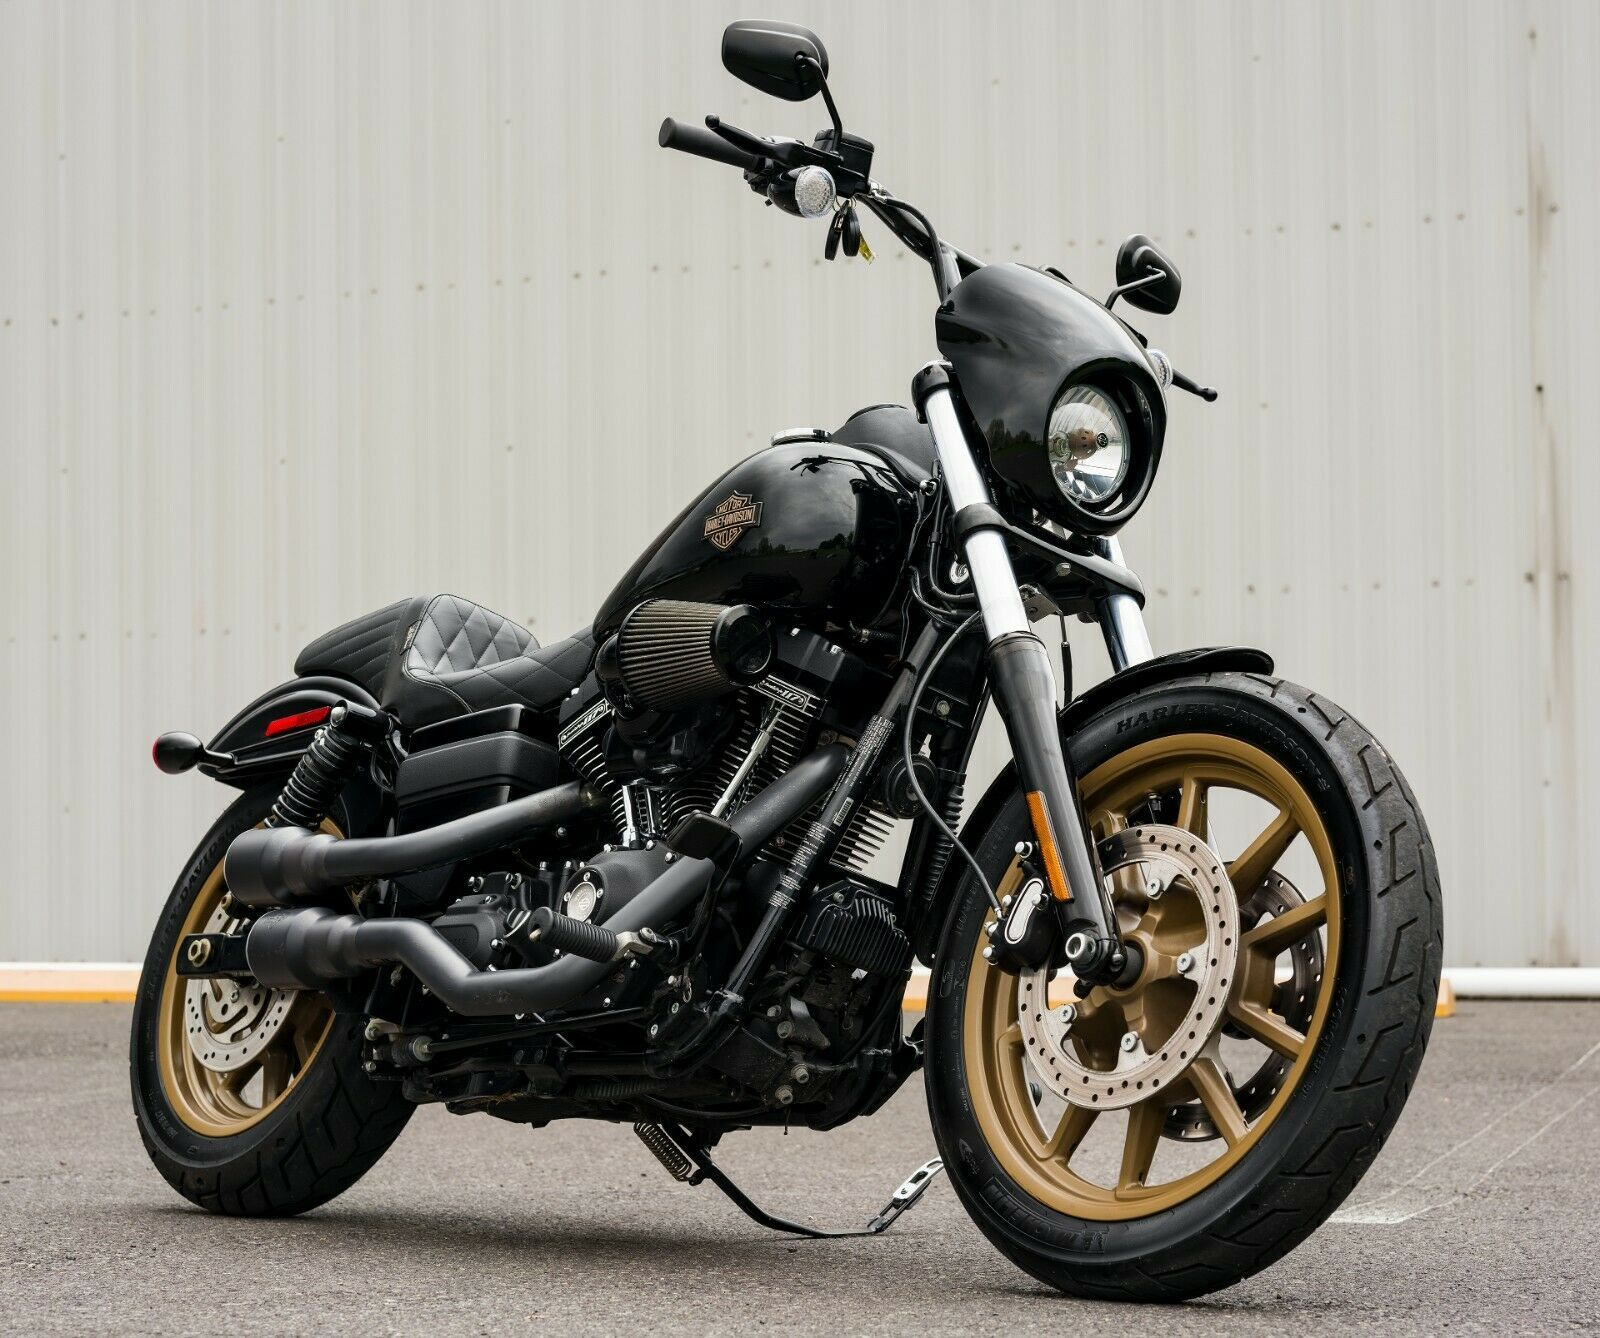 2017 harley davidson dyna 2017 harley davidson dyna low rider sport fxdls 117 big [ 1600 x 1338 Pixel ]